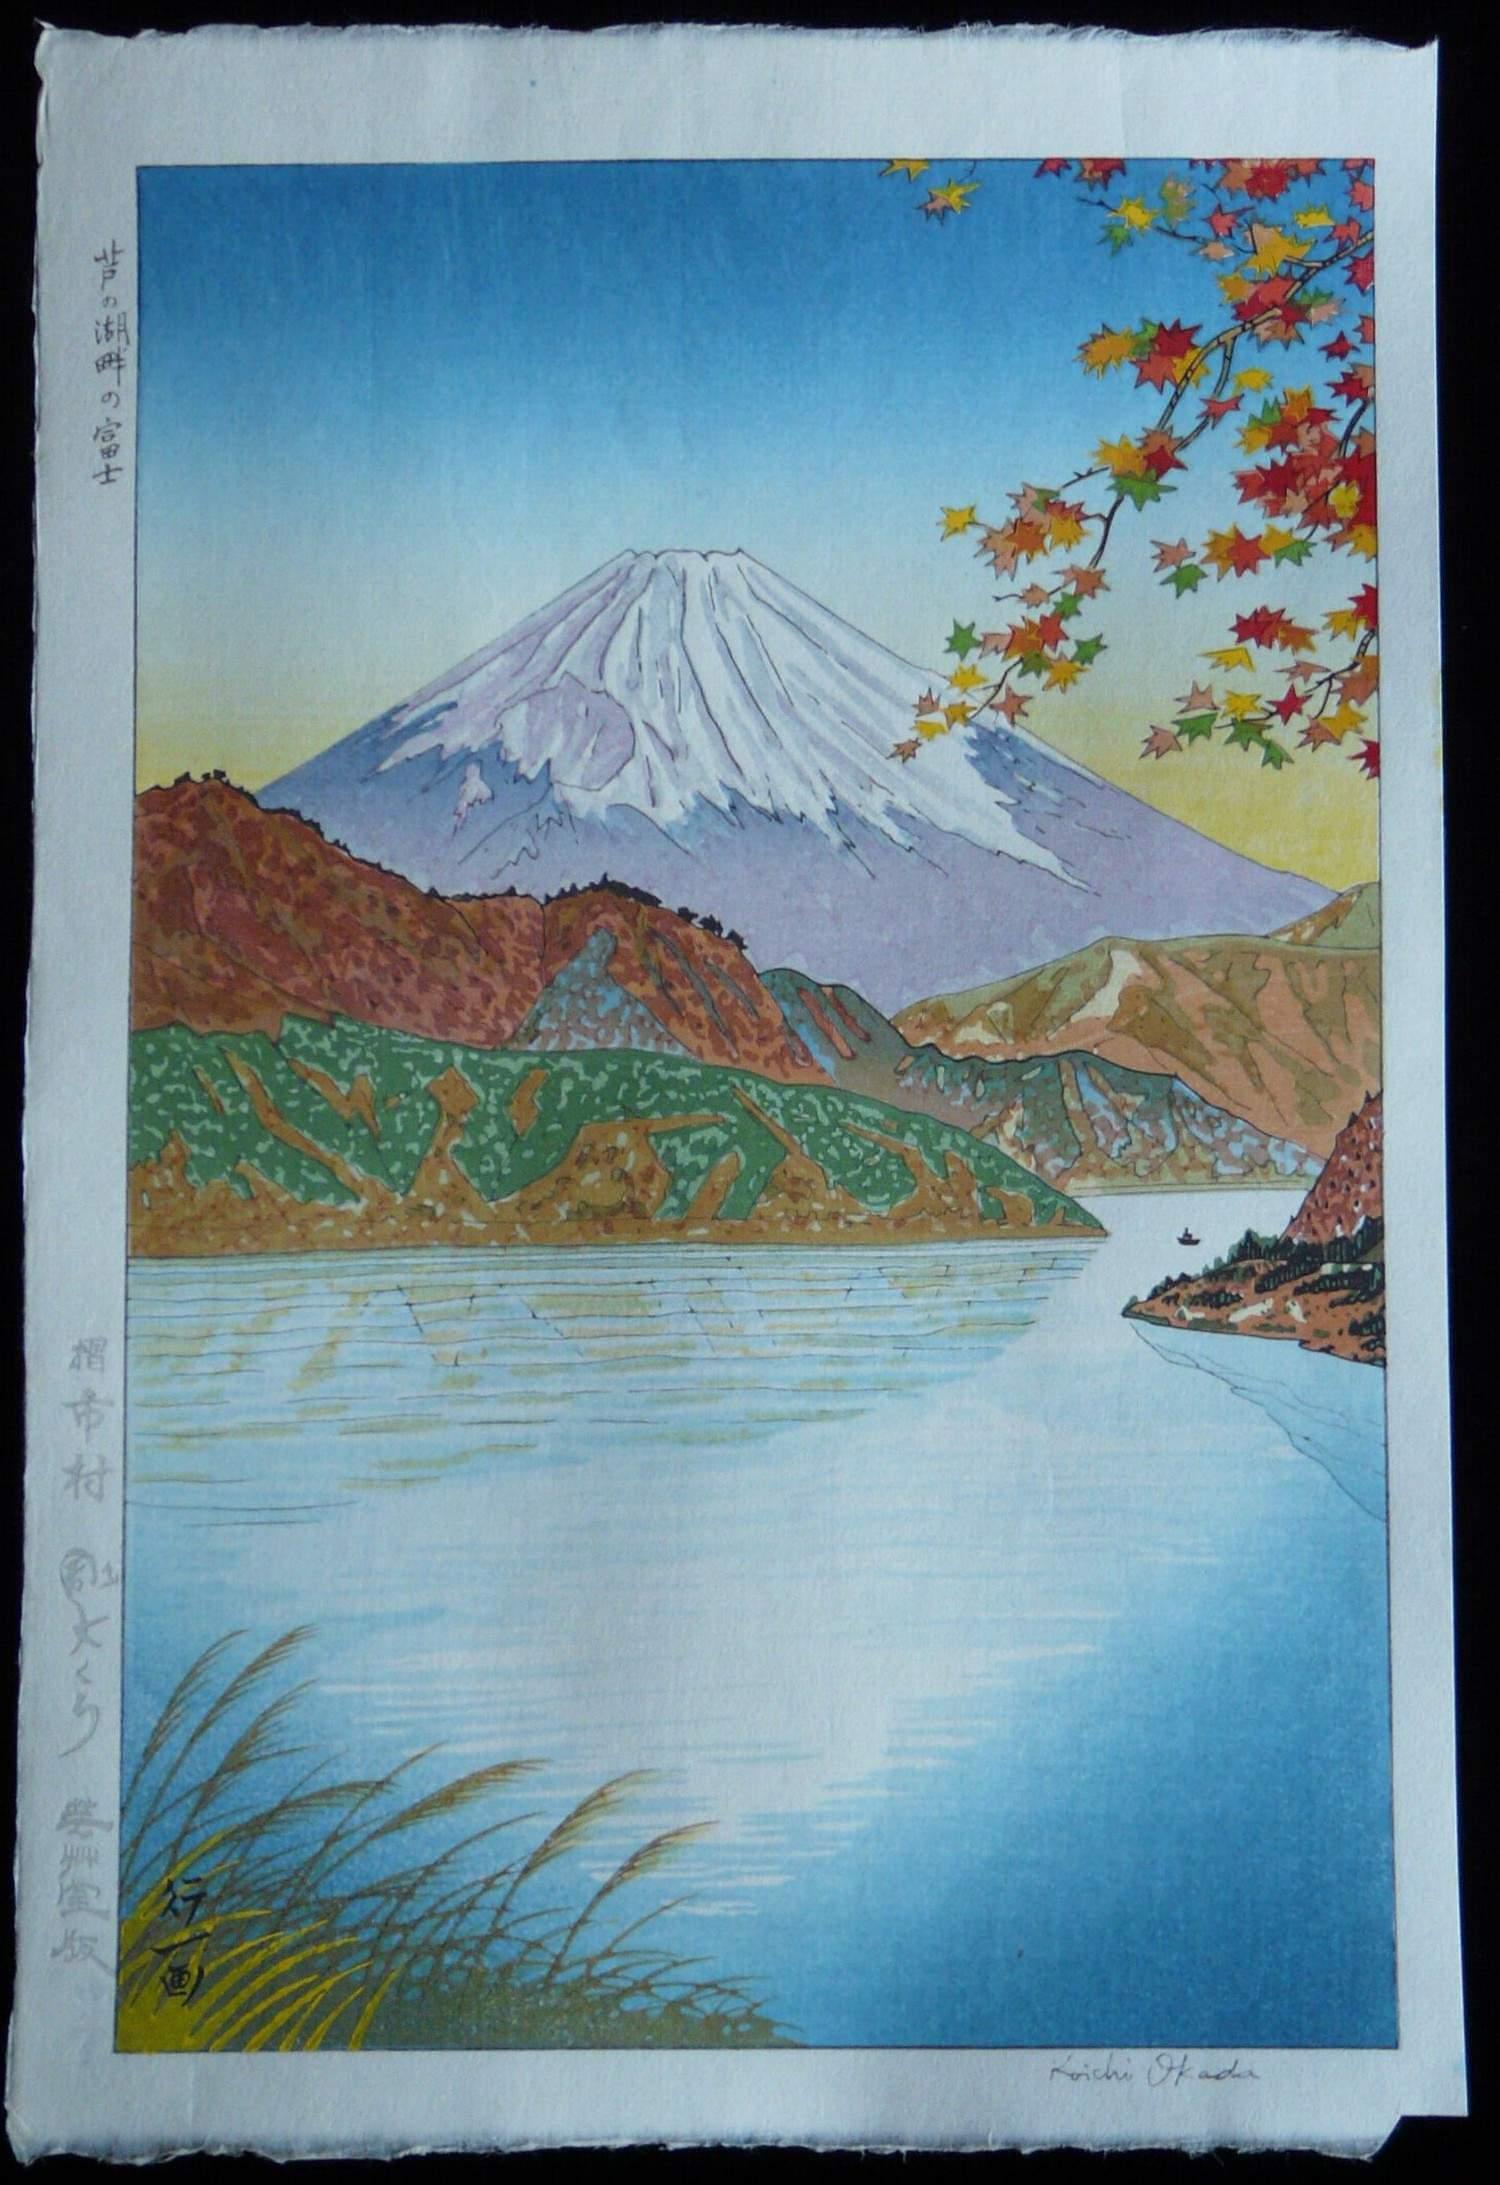 KOICHI OKADA: #P3226 MOUNT FUJI FROM HAKONE